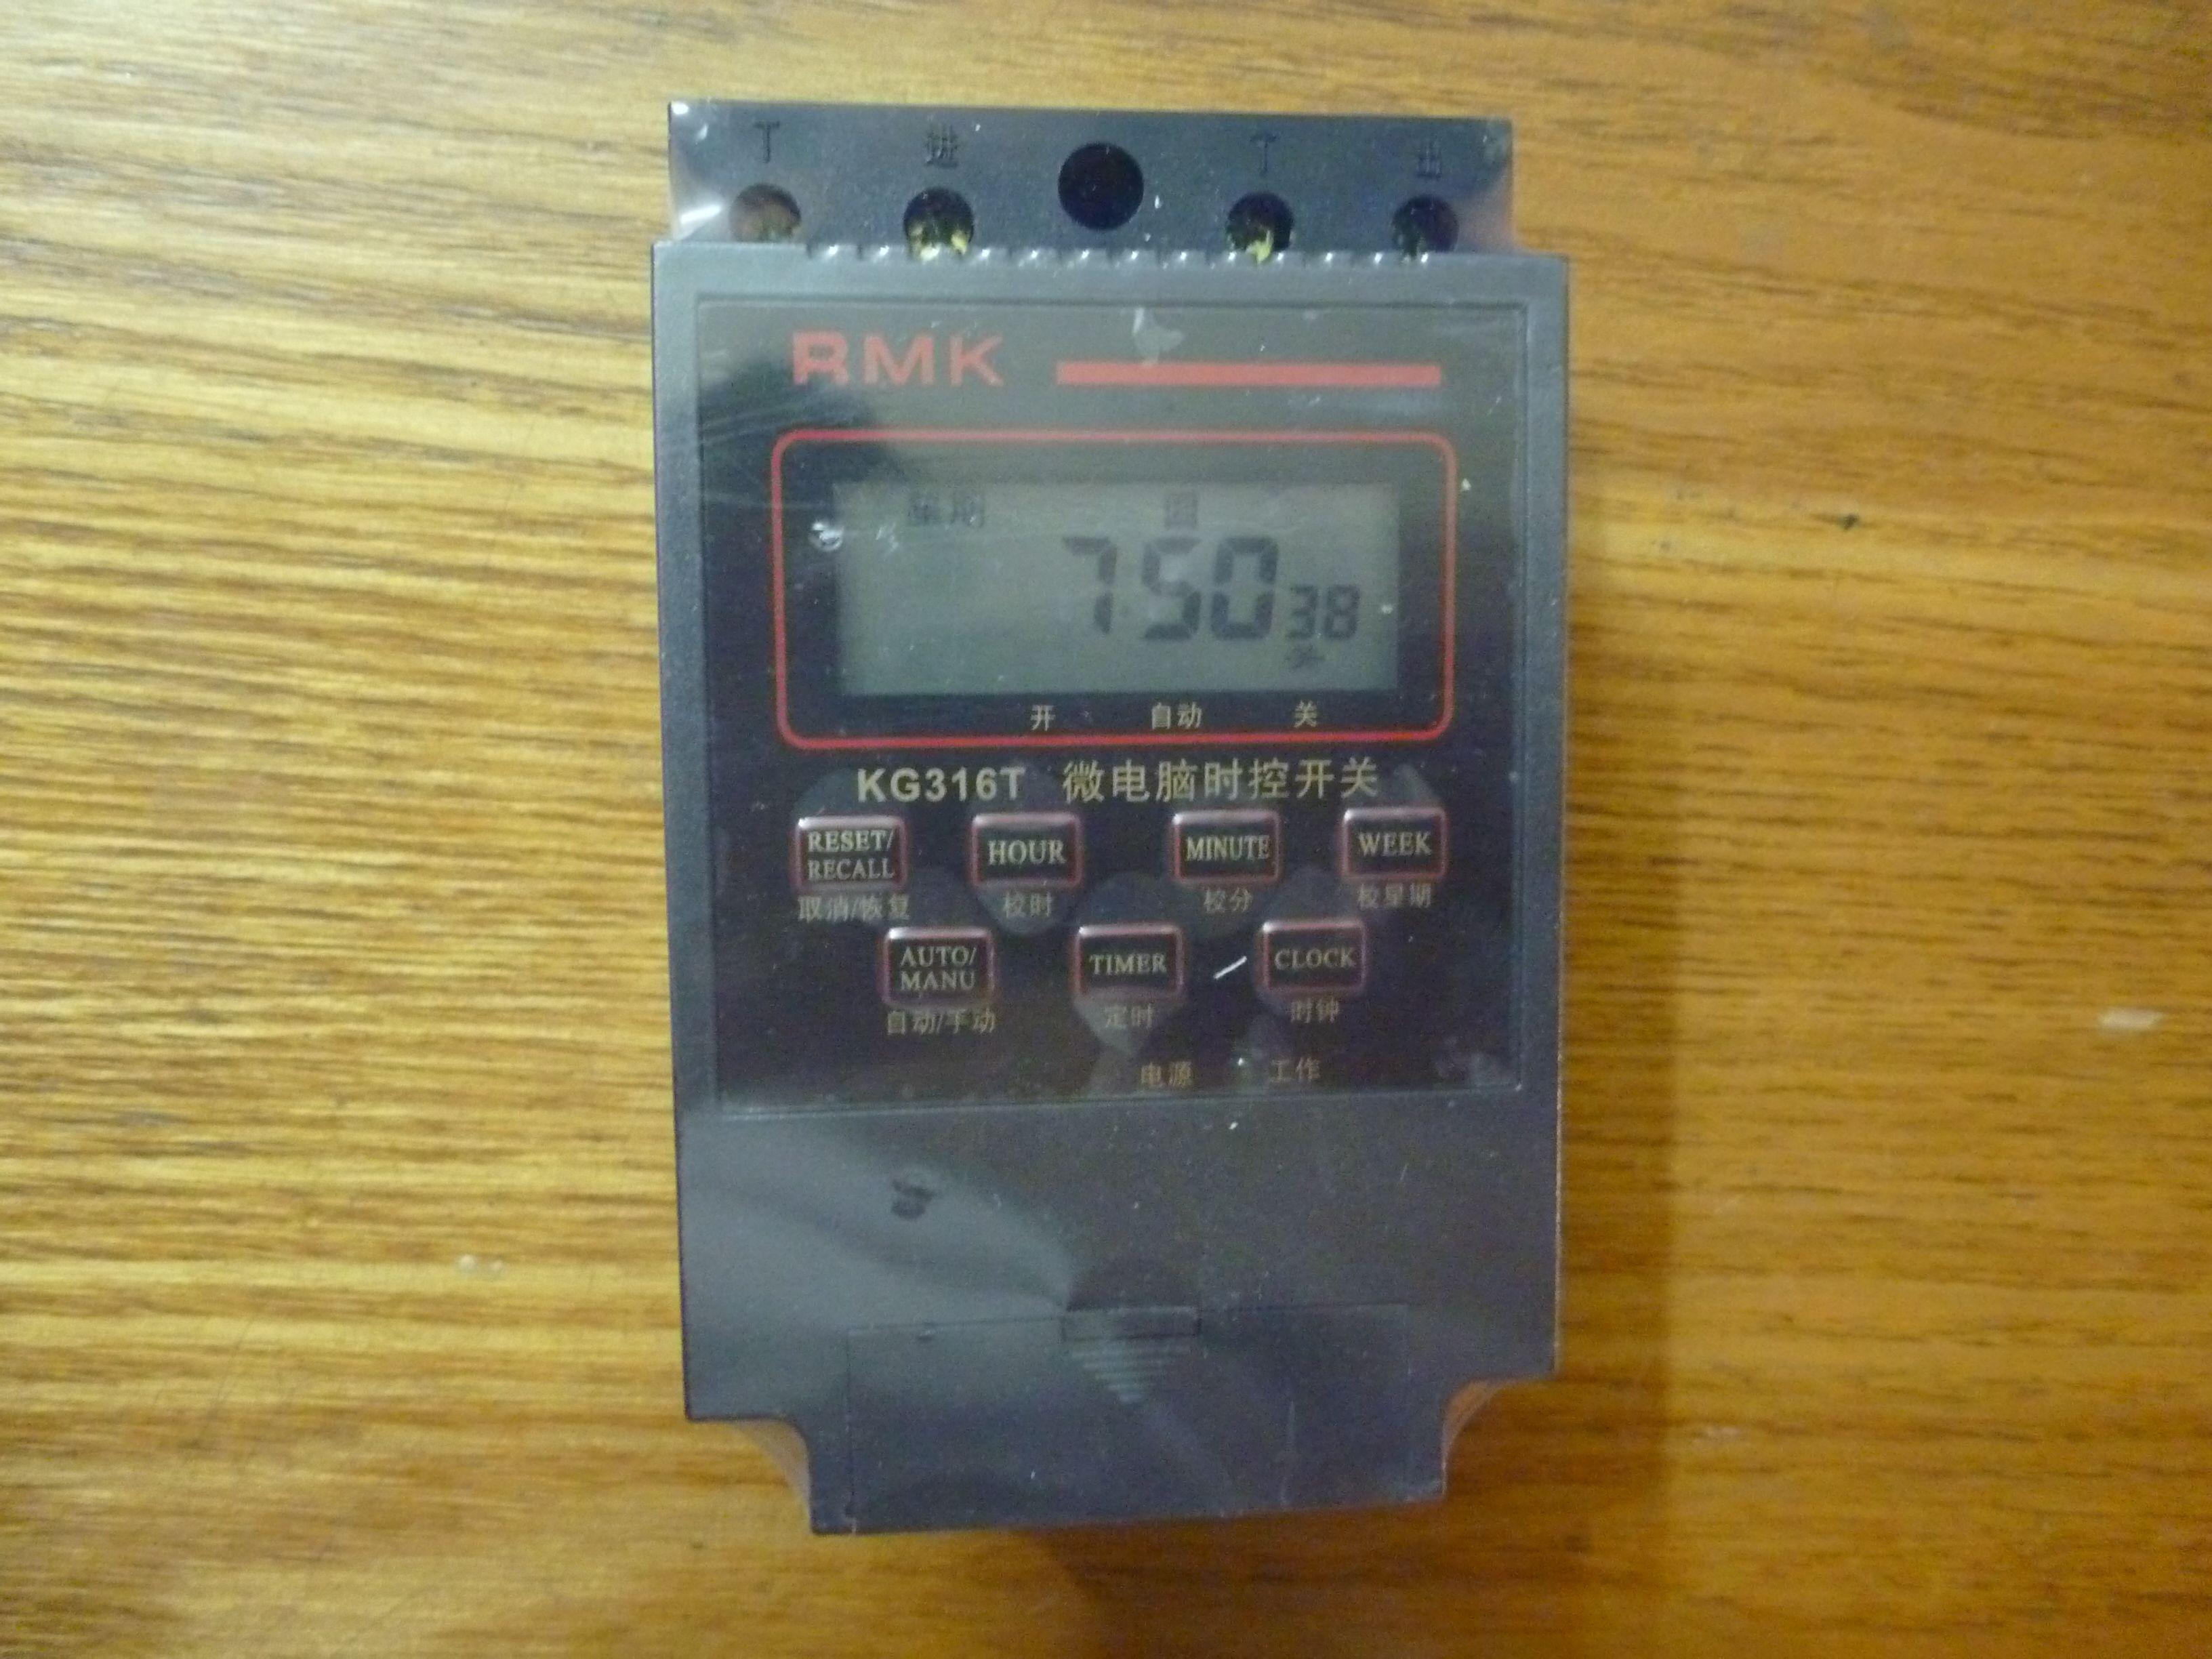 电路板中是没有变压器,有3个3极管(s8050,2n5551x2),稳压二极管是3.